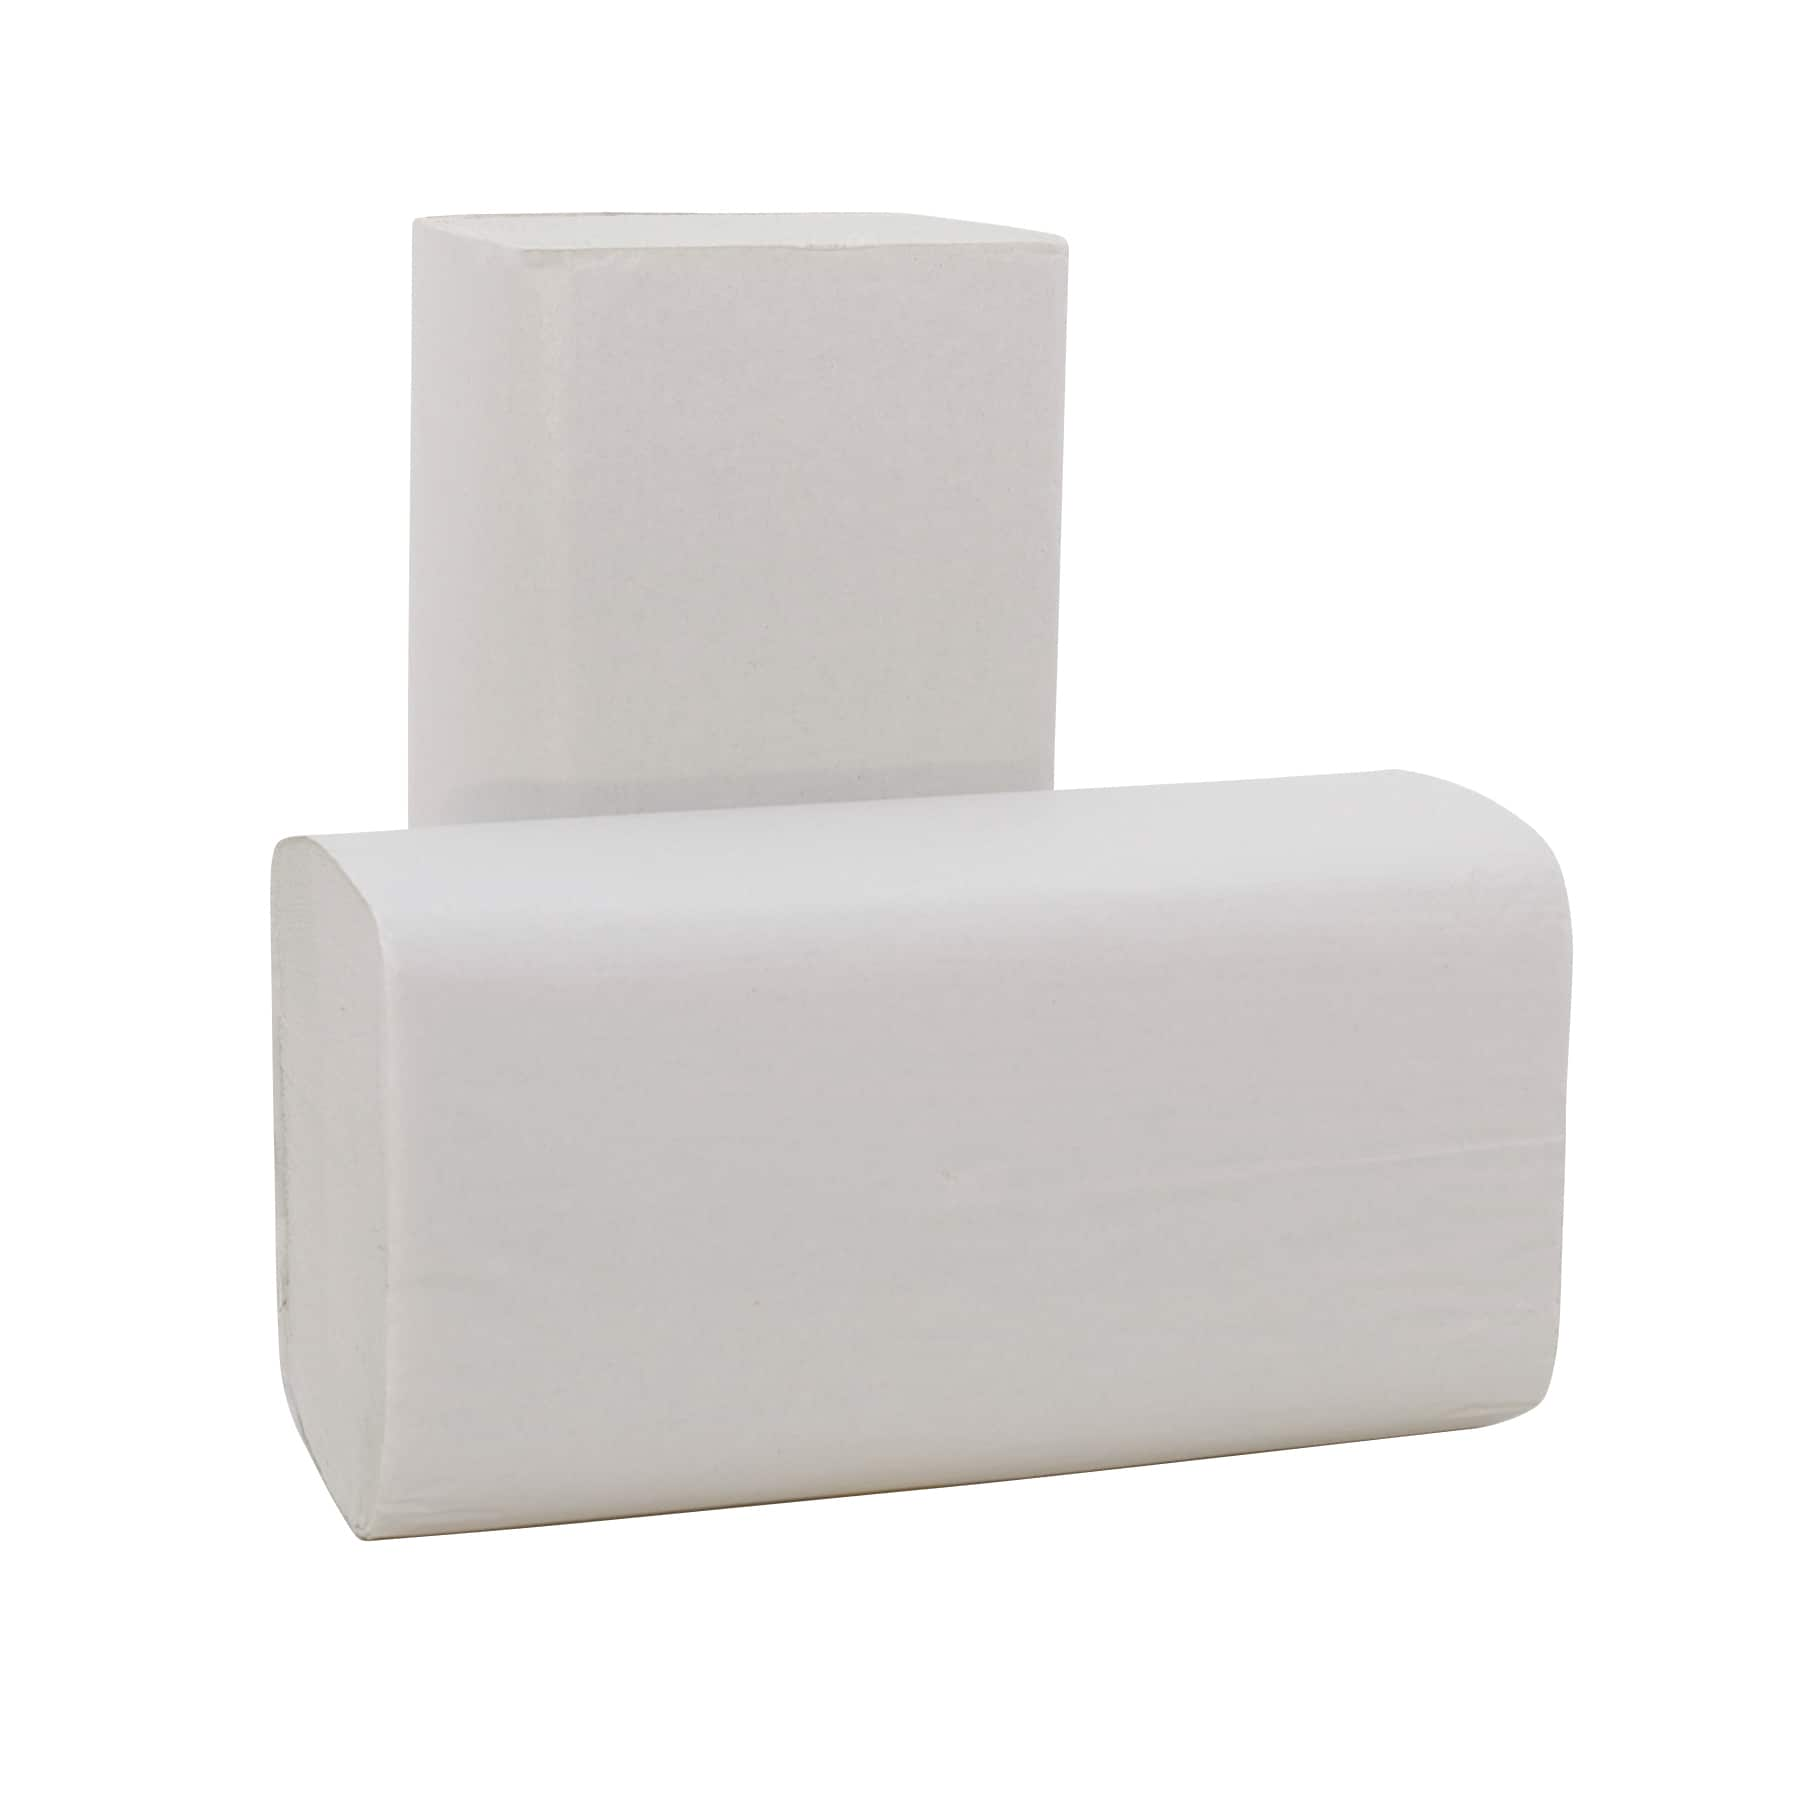 Papieren handdoek Z-vouw gerecycled 2-laags - 23 x 24cm